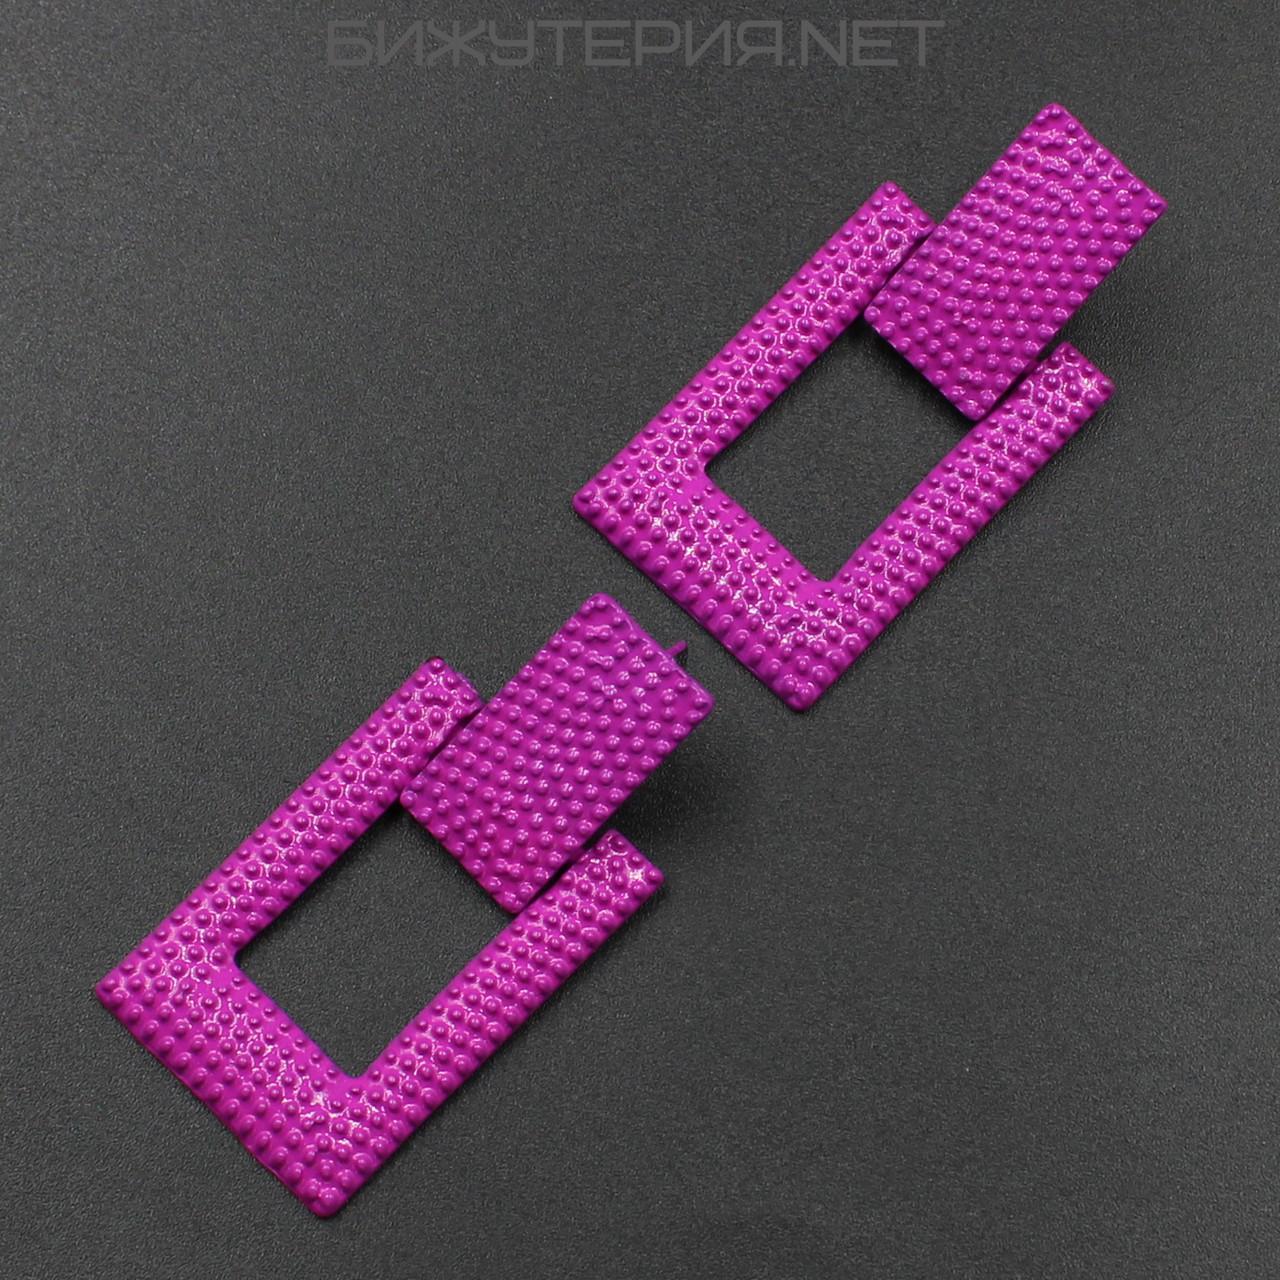 Винтажные серьги JB Геометрия металлические, эмаль розового цвета - 1054590600